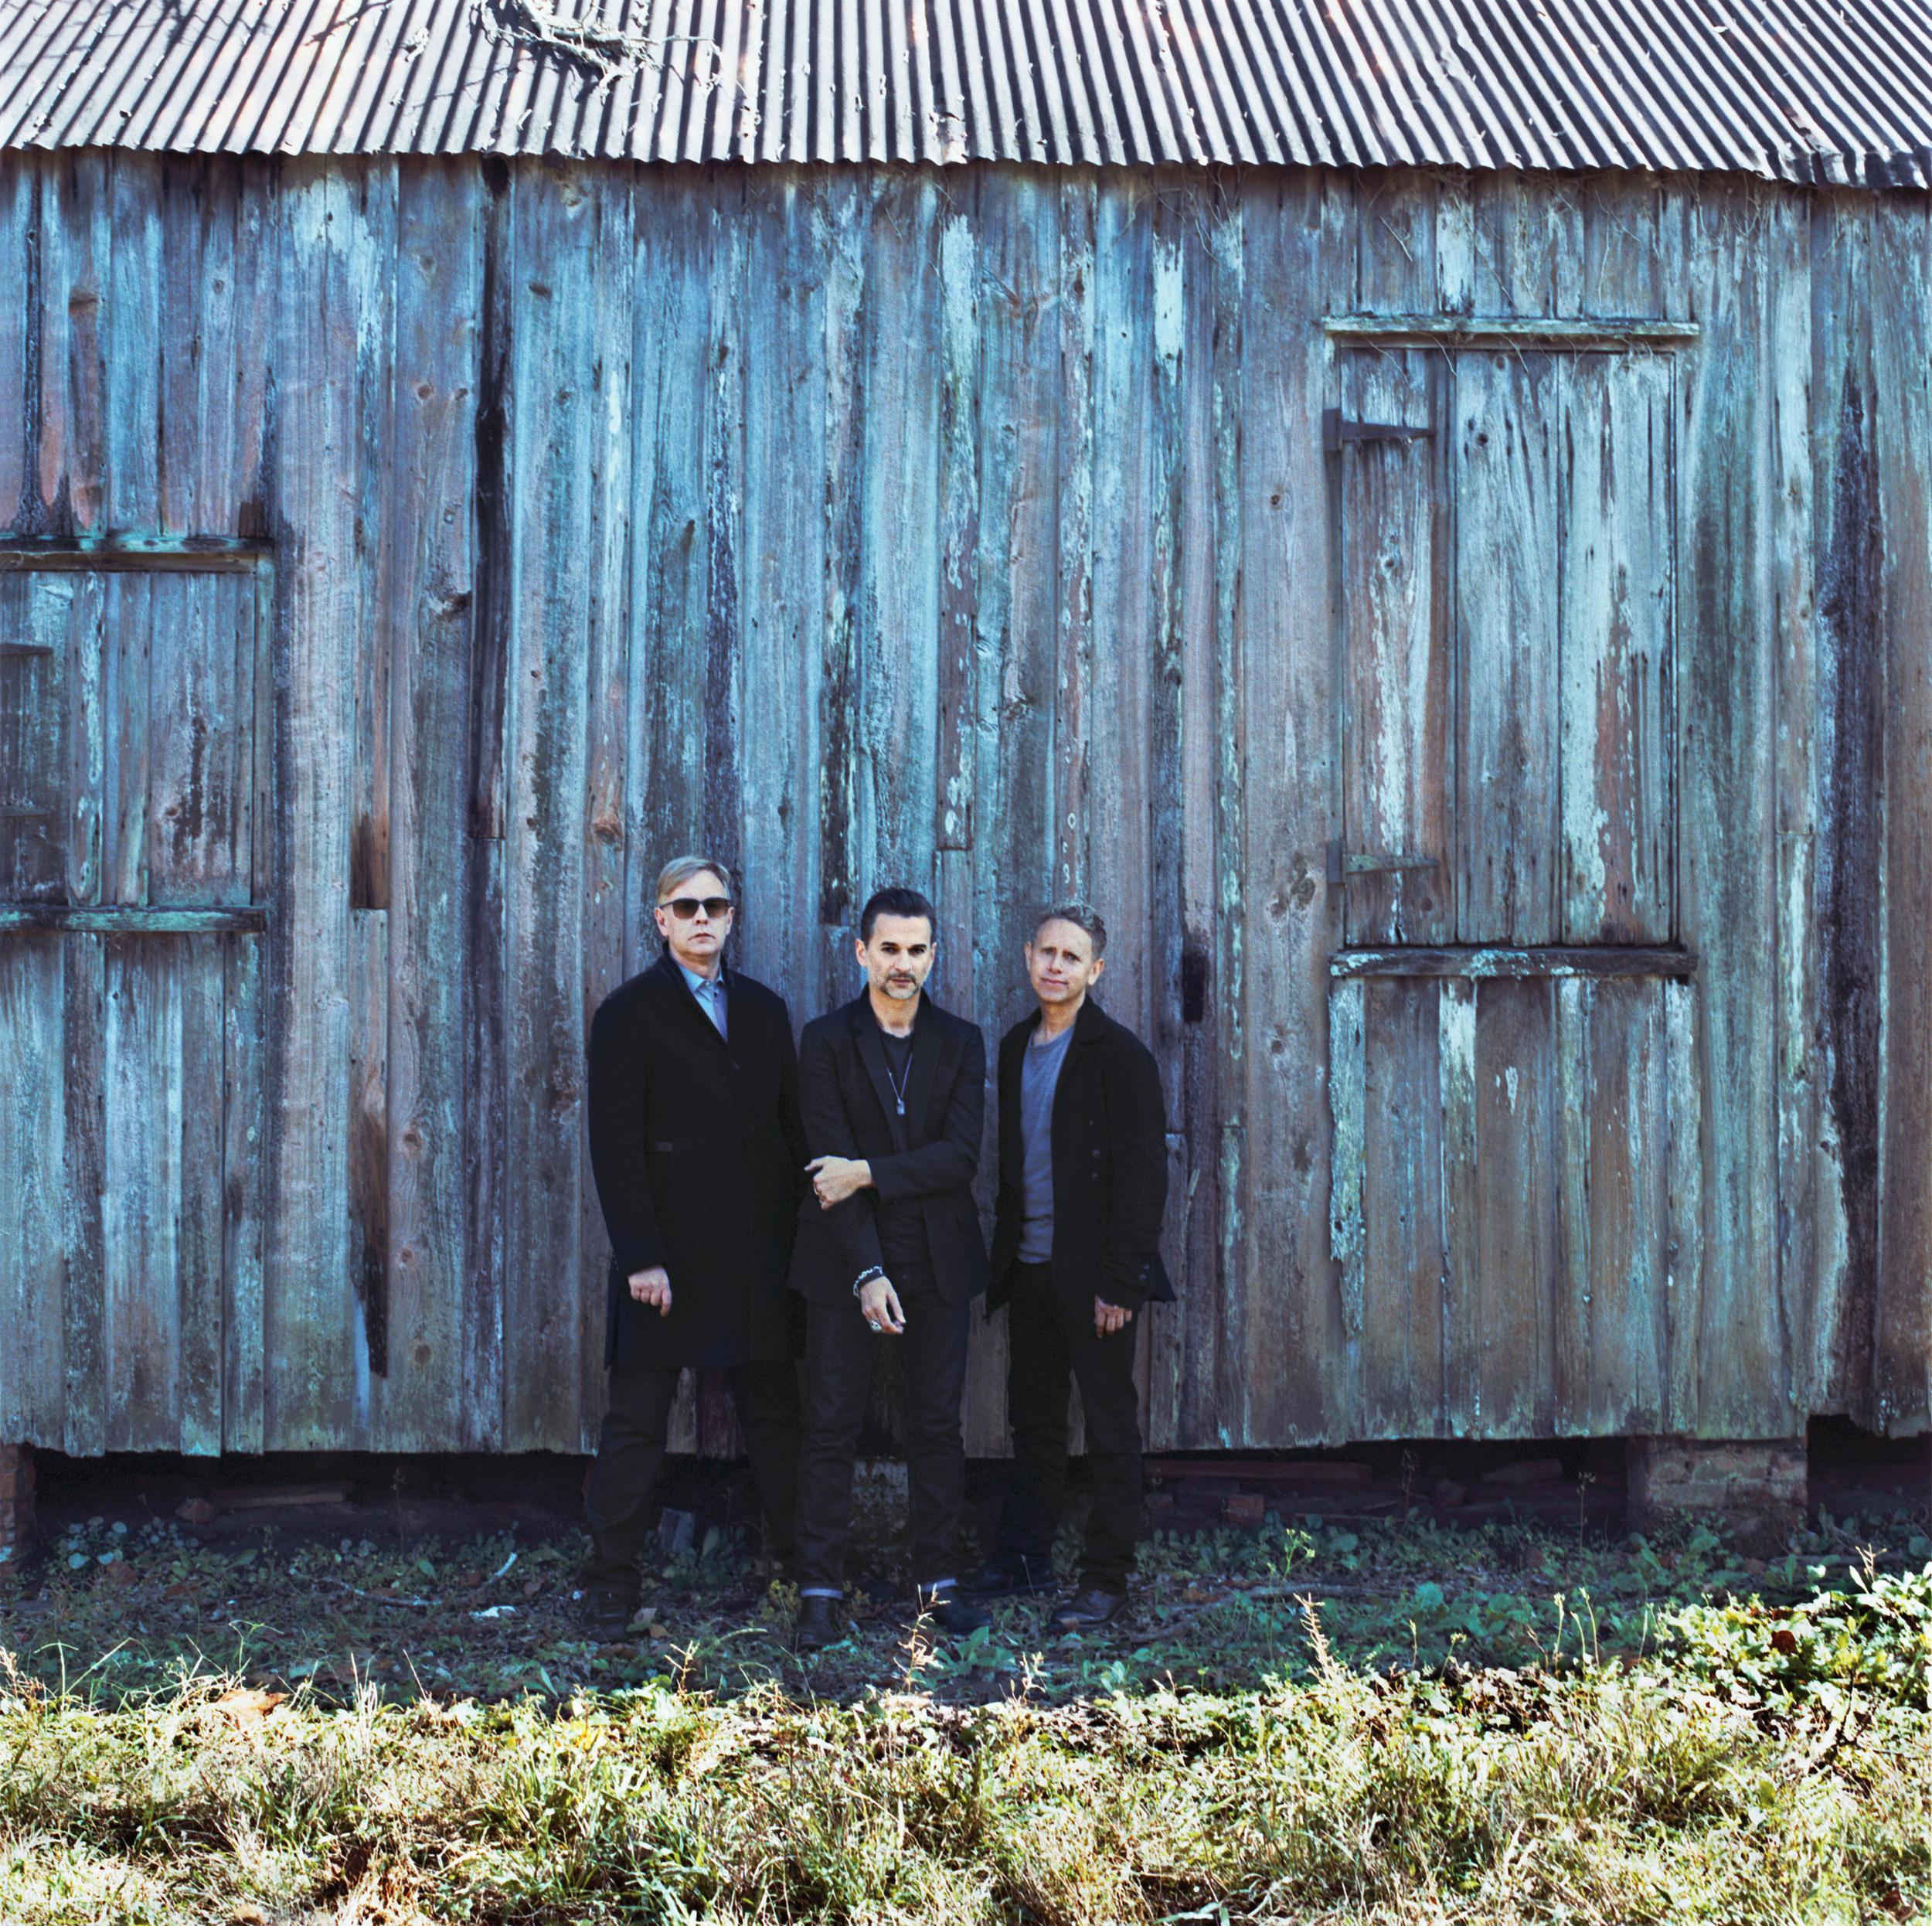 mh_DepecheMode_02.jpg